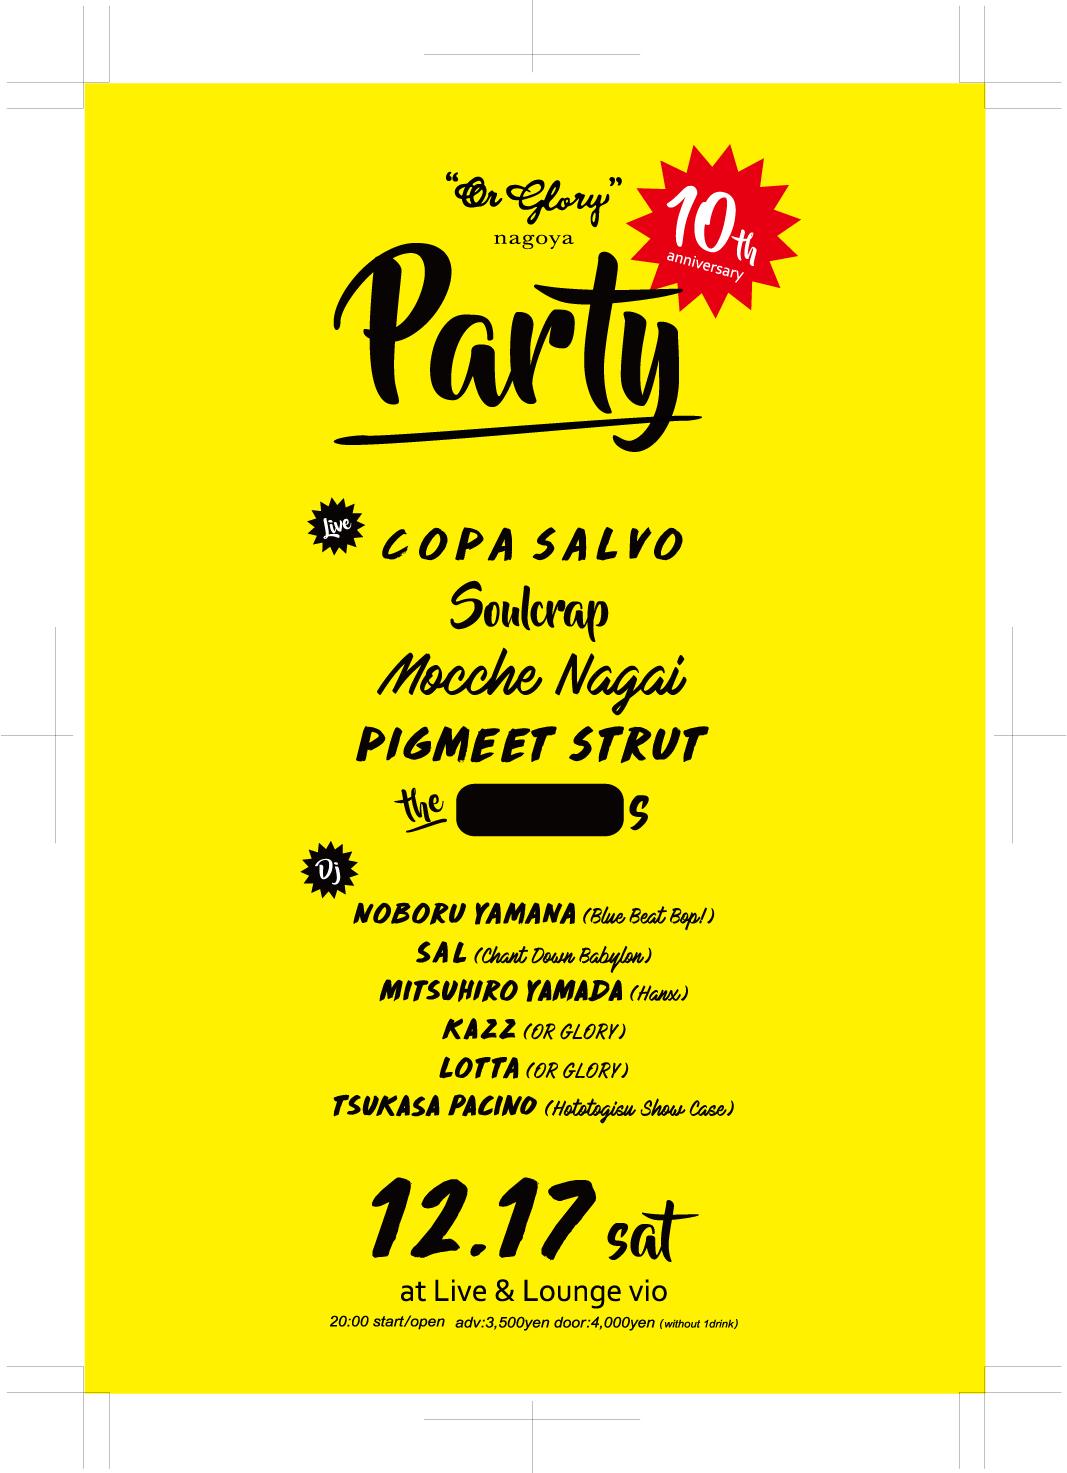 名古屋 Live & Lounge vio『OrGlory Nagoya 10th Anniversary』